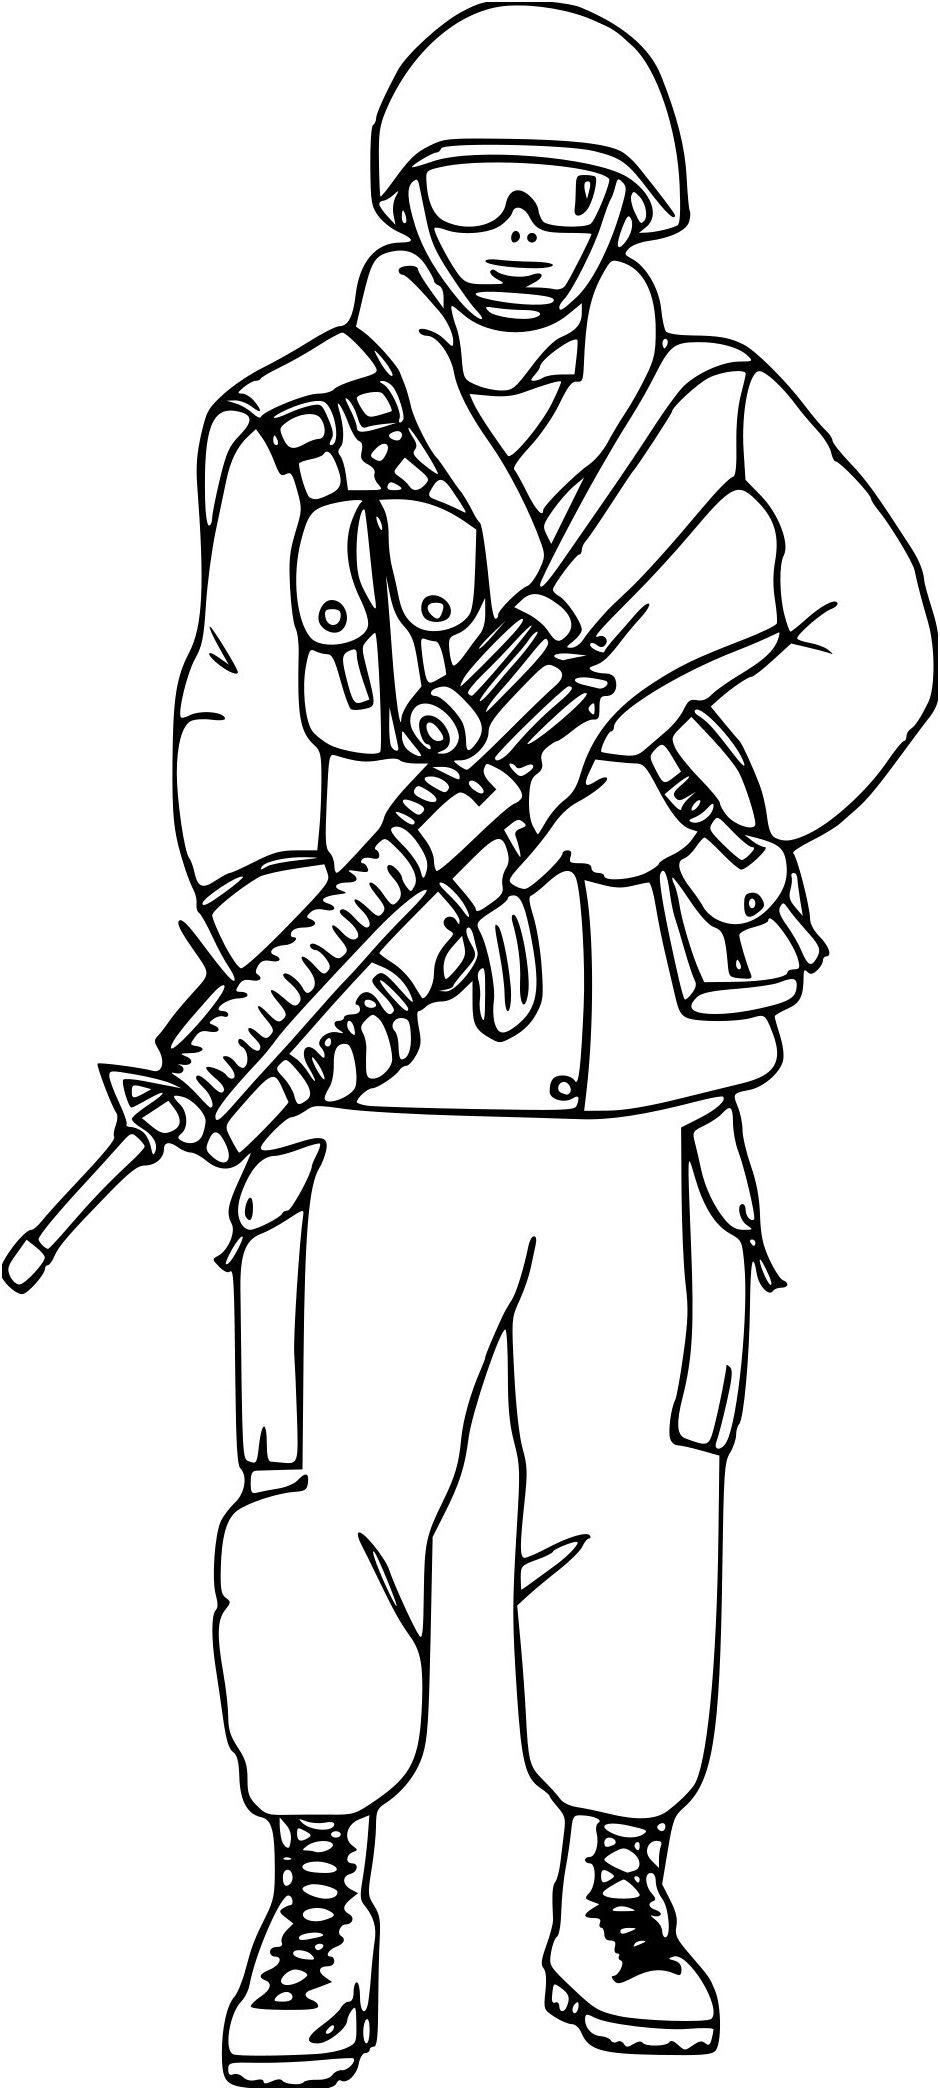 14 Aimable Coloriage Militaire soldat Stock en 2020 | Coloriage, Dessin militaire, Coloriage en ...